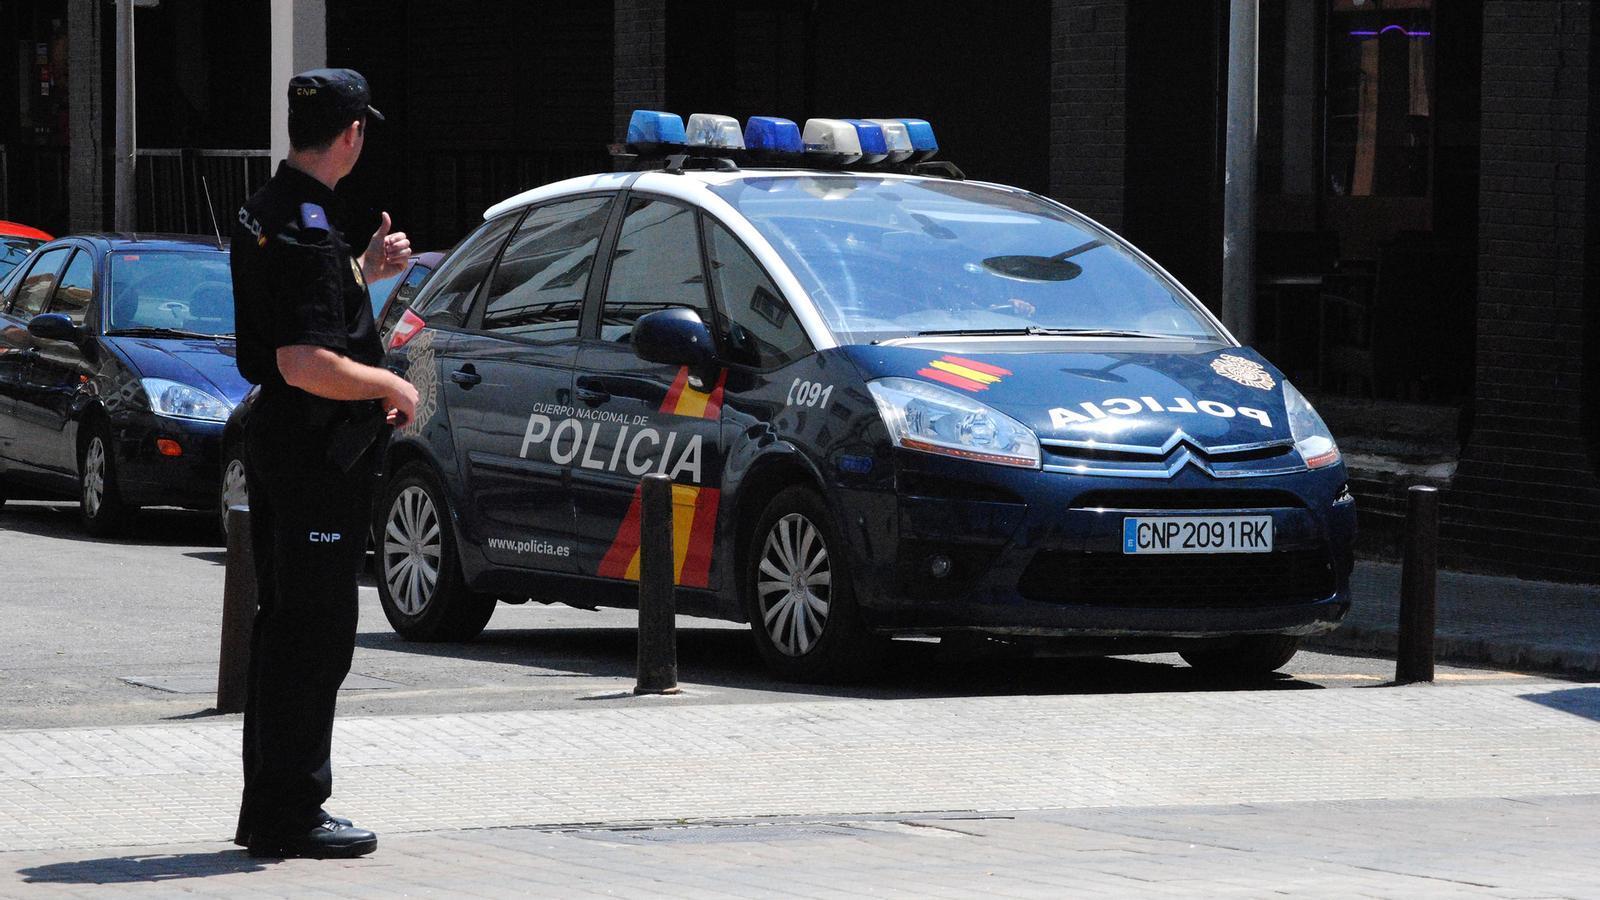 Una patrulla de la Policia Nacional. / EFE